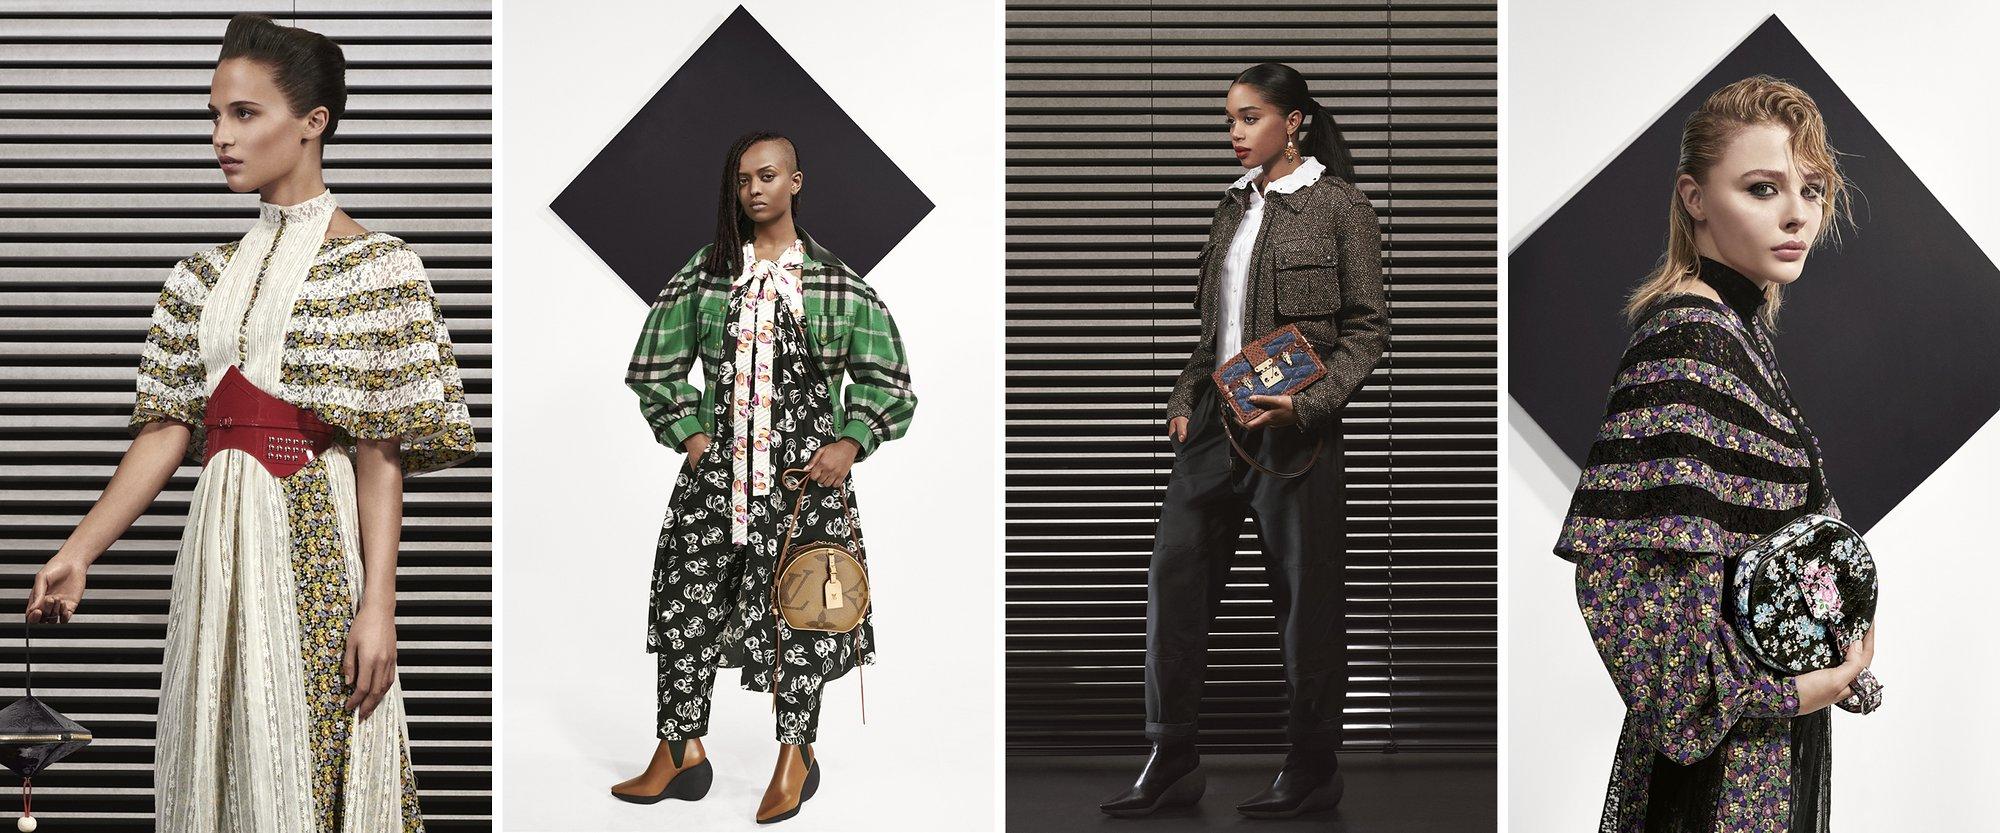 Chi ha bisogno di una sfilata? Nicolas Ghesquière ingaggia le attrici più potenti per il Pre-Fall Lookbook di Louis Vuitton